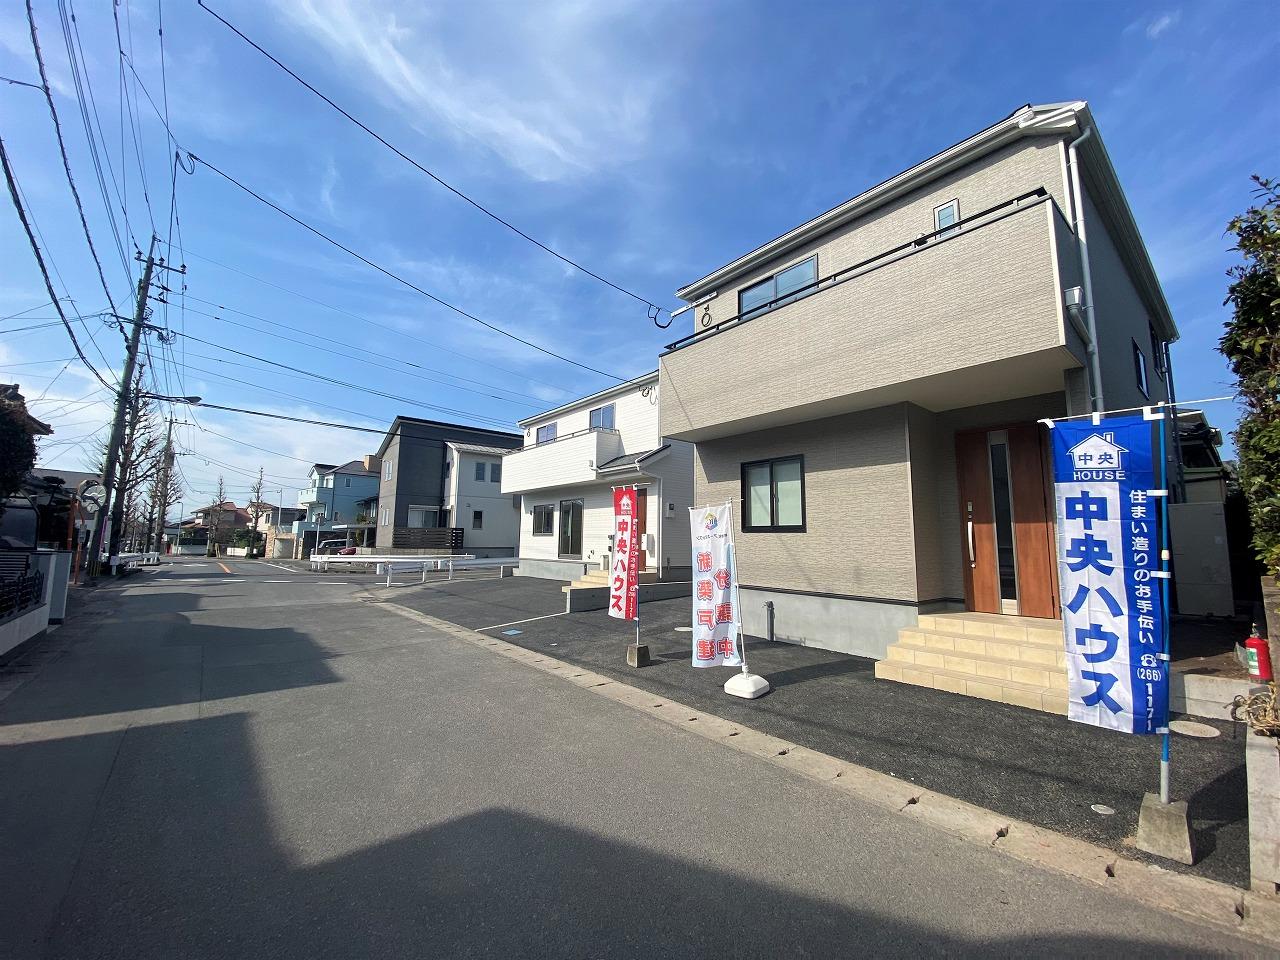 鹿児島市桜ケ丘1丁目でオープンハウス 時代のニーズに合ったテレワークルーム付きの4LDK